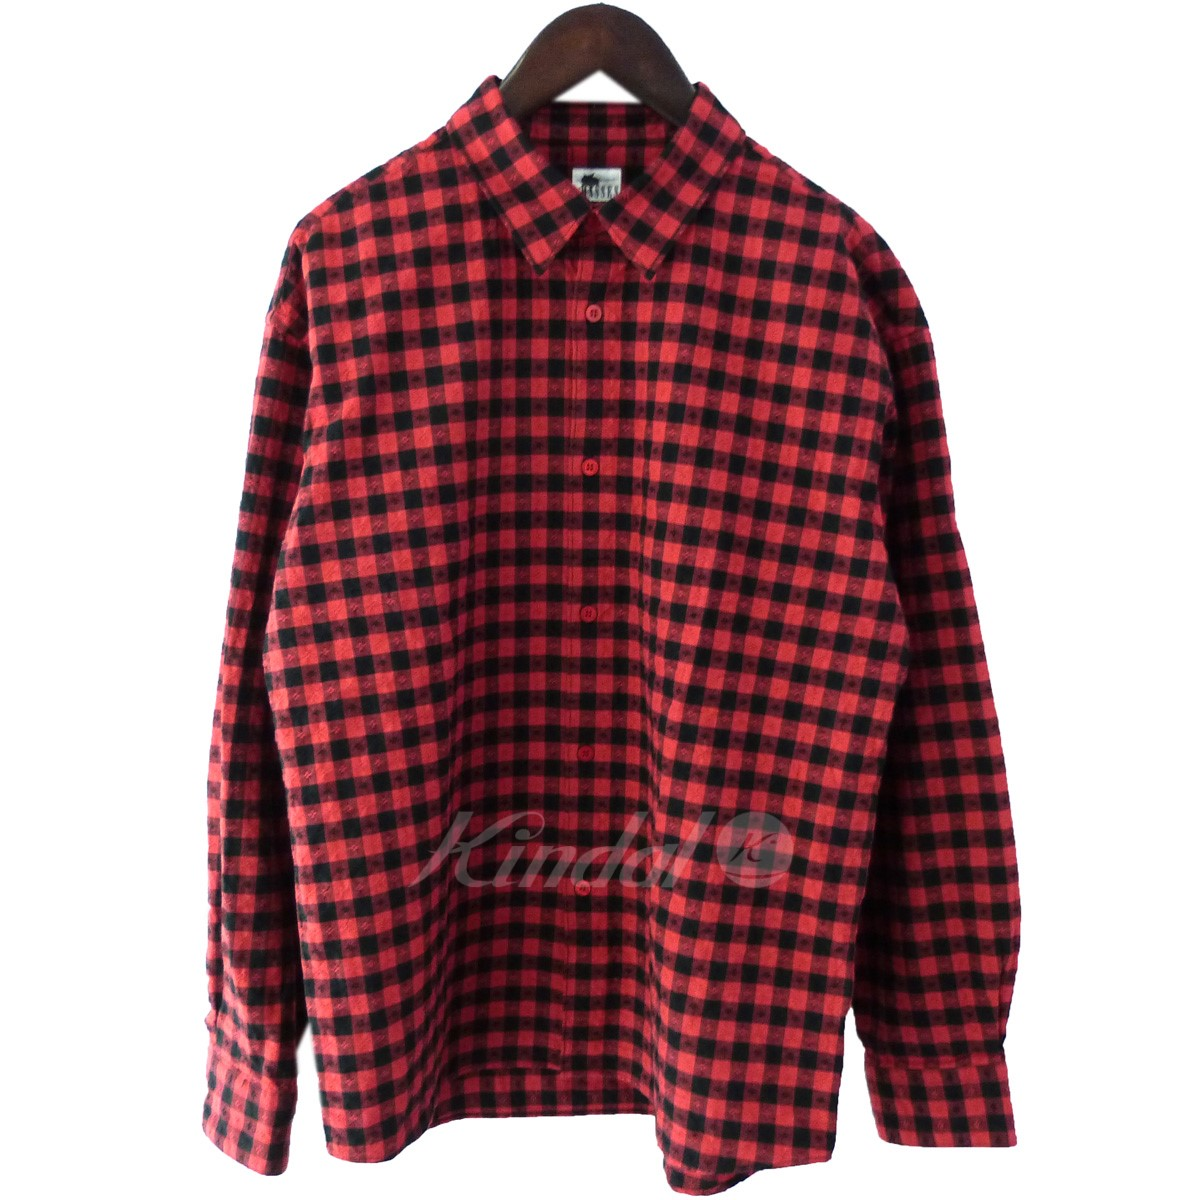 【中古】MASSES 「COTTON CHECK SHIRT」コットンチェックシャツ レッド×ブラック サイズ:S 【送料無料】 【140419】(マシス)